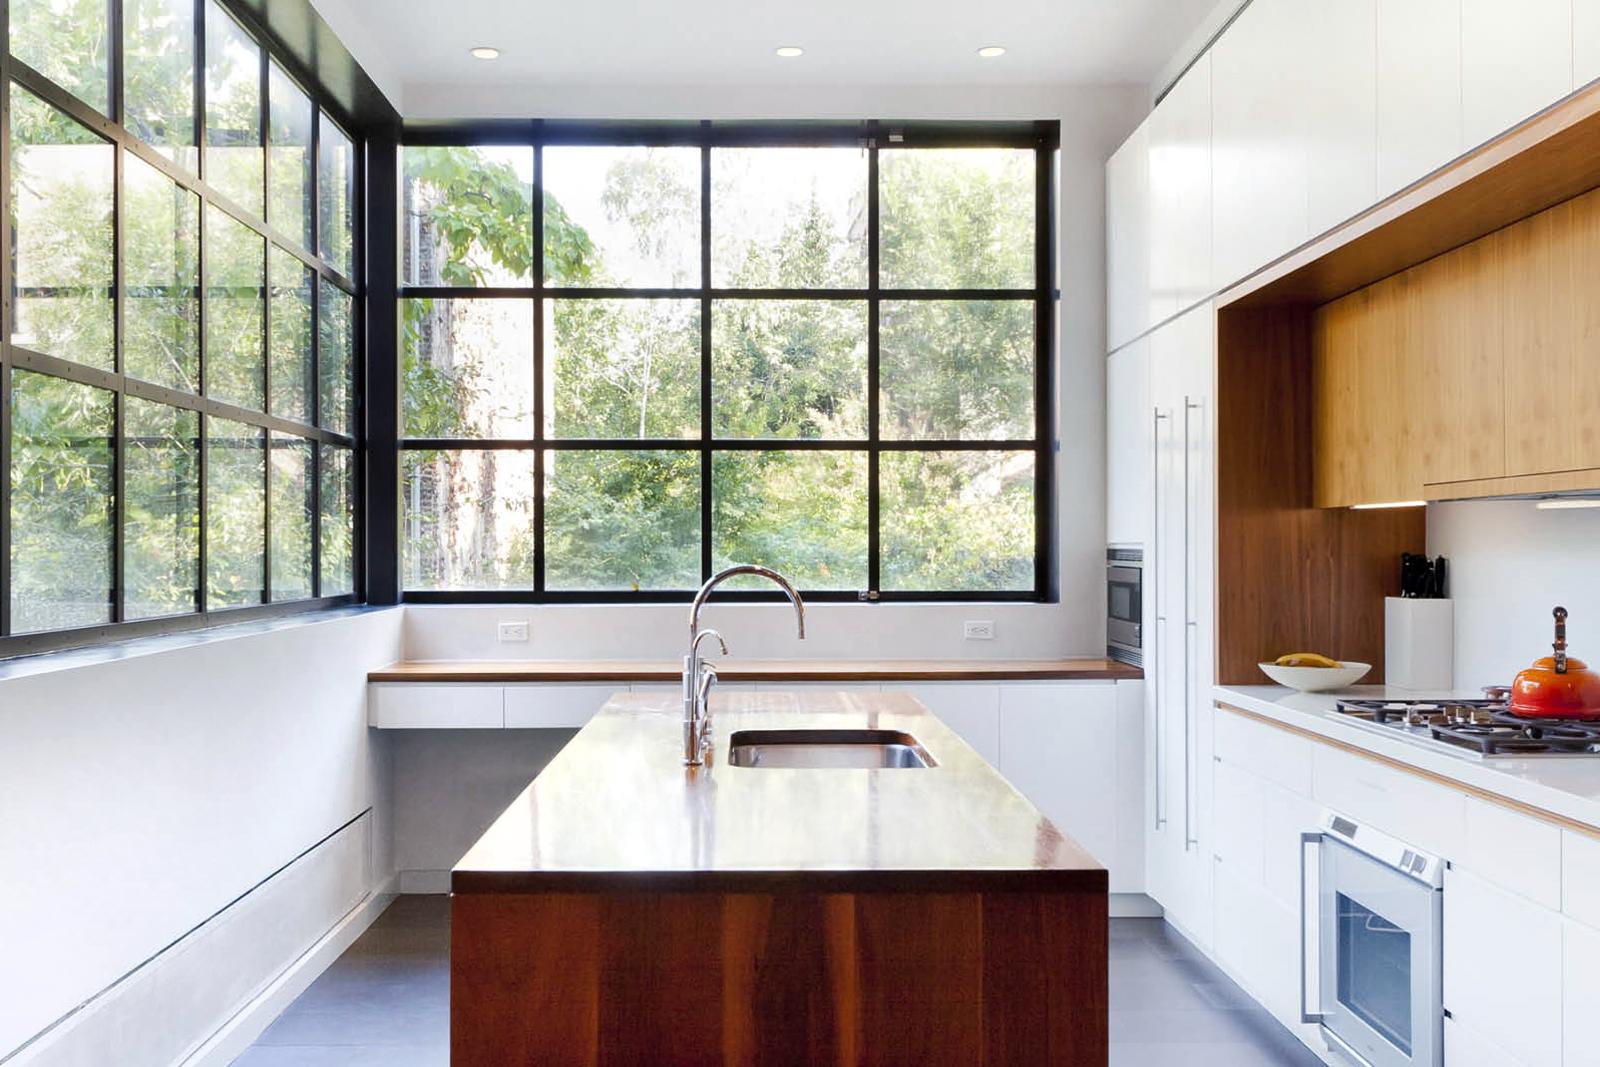 01-res4-resolution-4-architecture-modern-residential-warren-street-townhouse-interior-kitchen.jpg